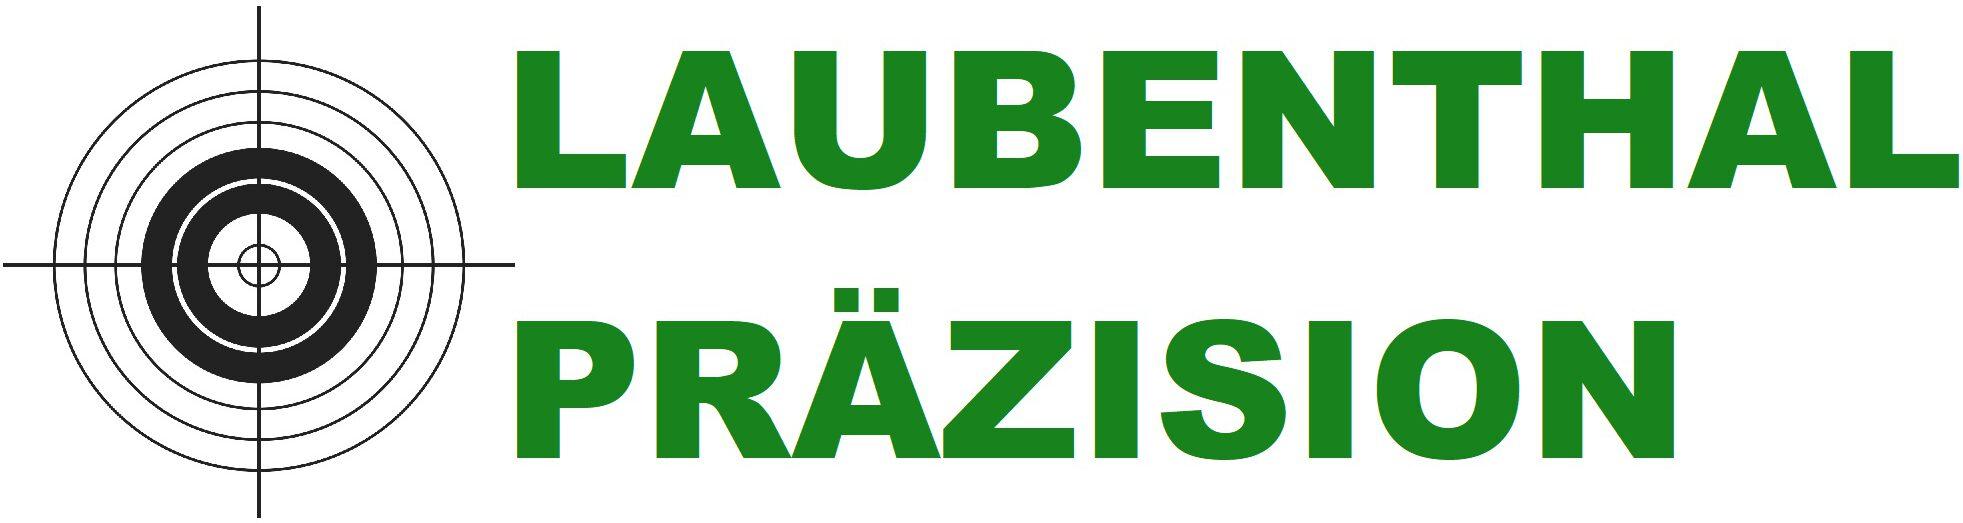 Laubenthal Präzision